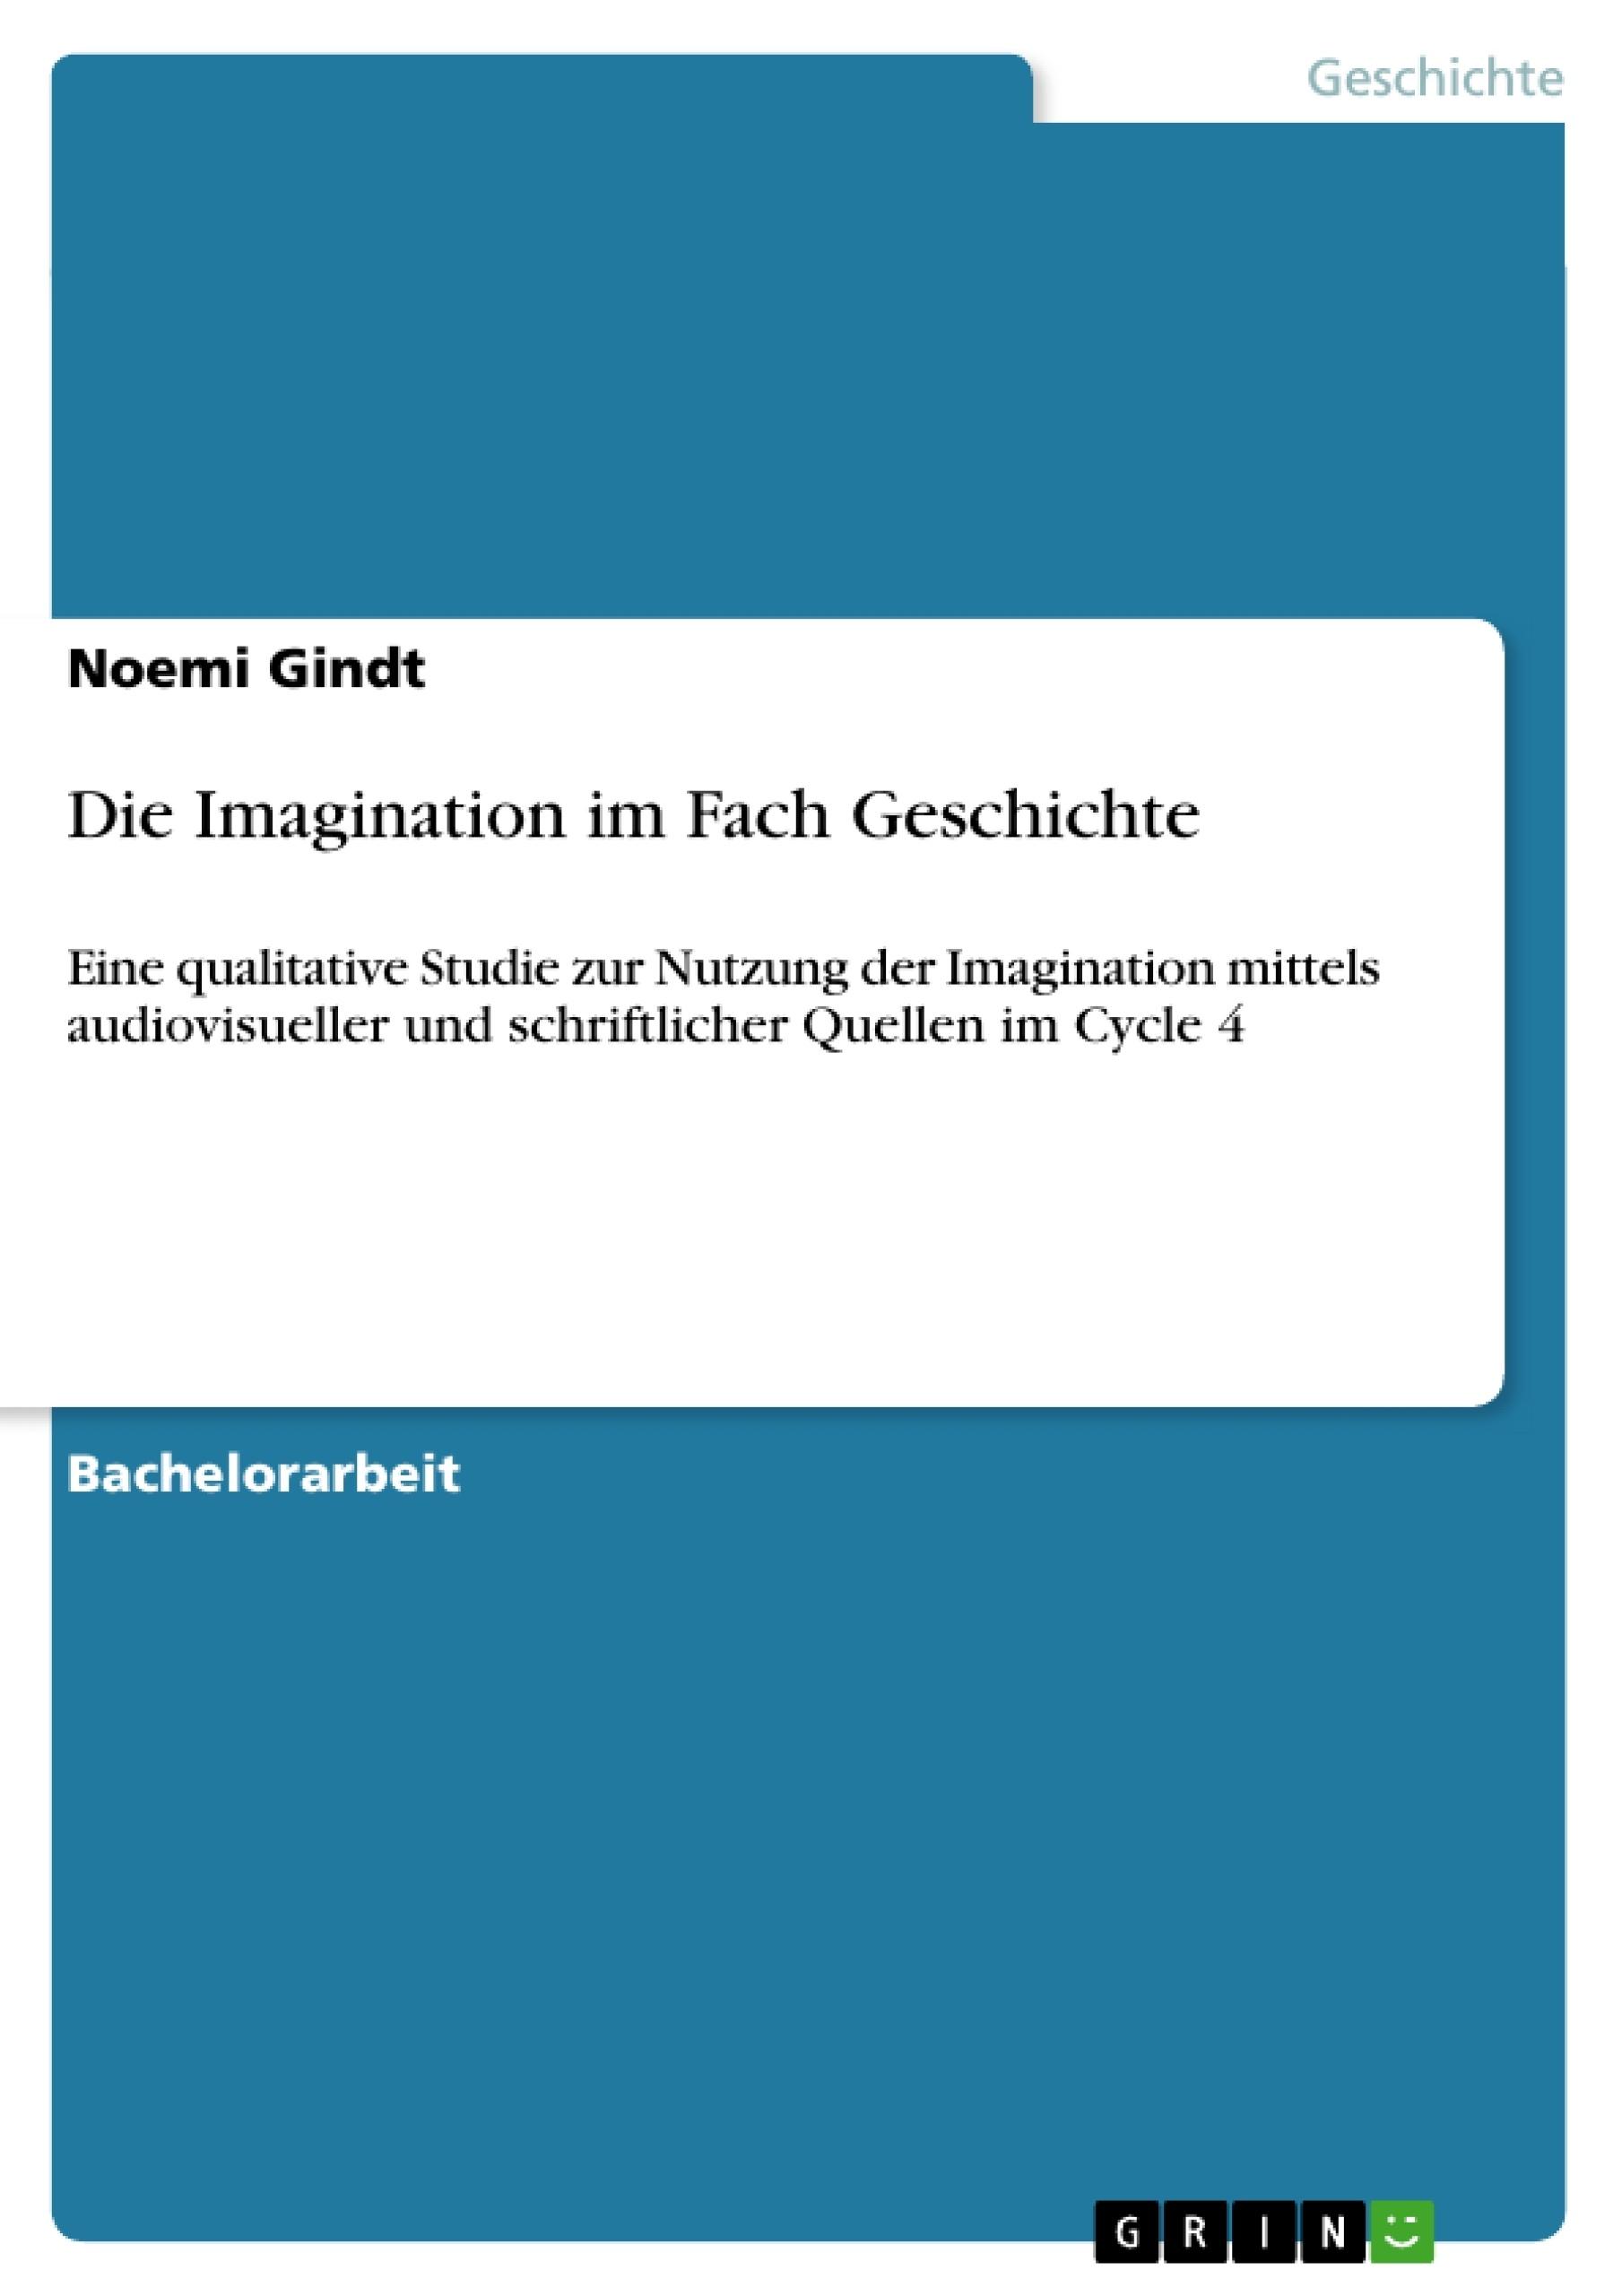 Titel: Die Imagination im Fach Geschichte